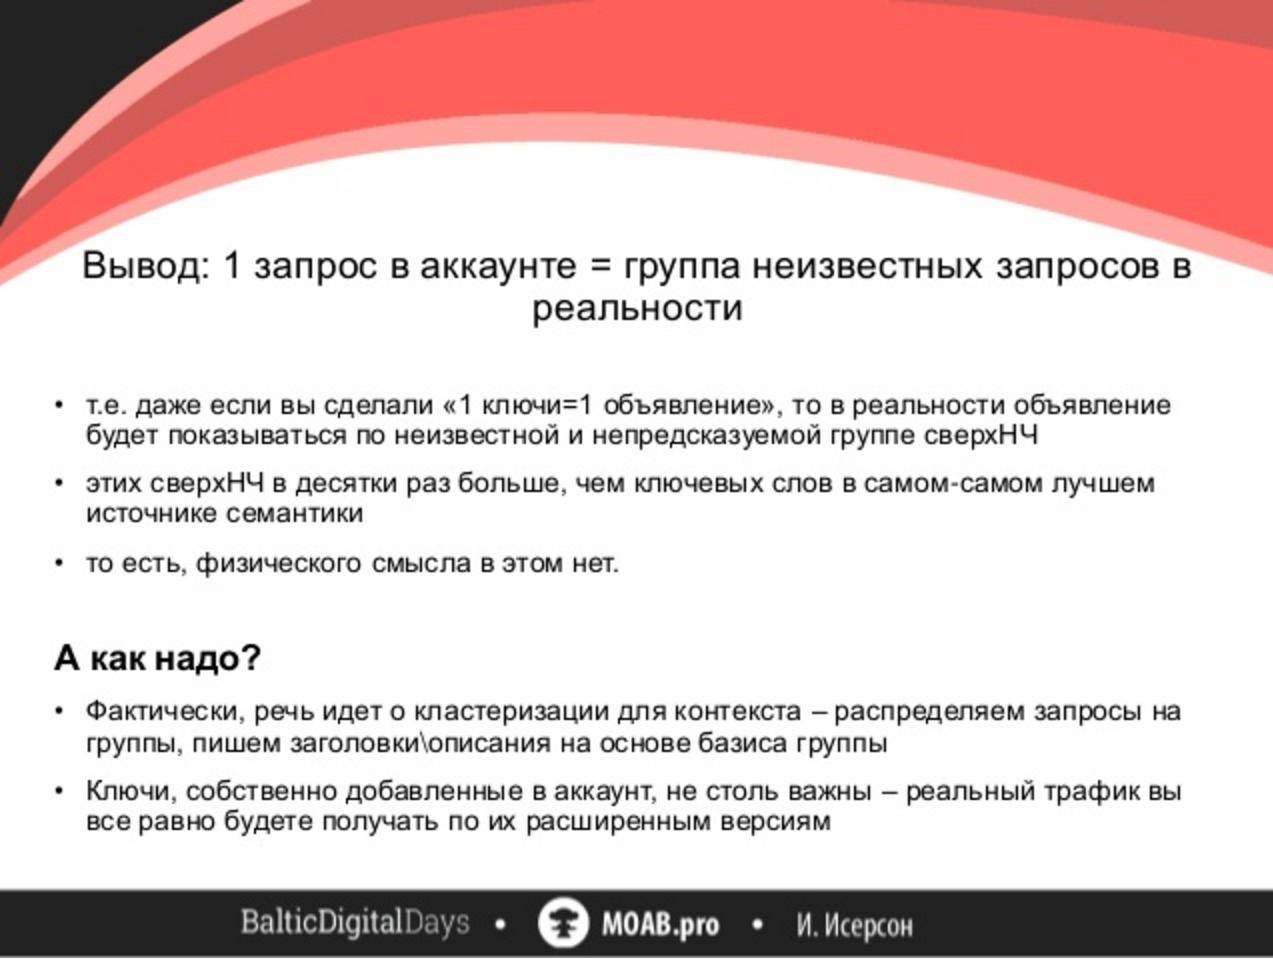 Скриншот из доклада на Baltic Digital Days 2016.